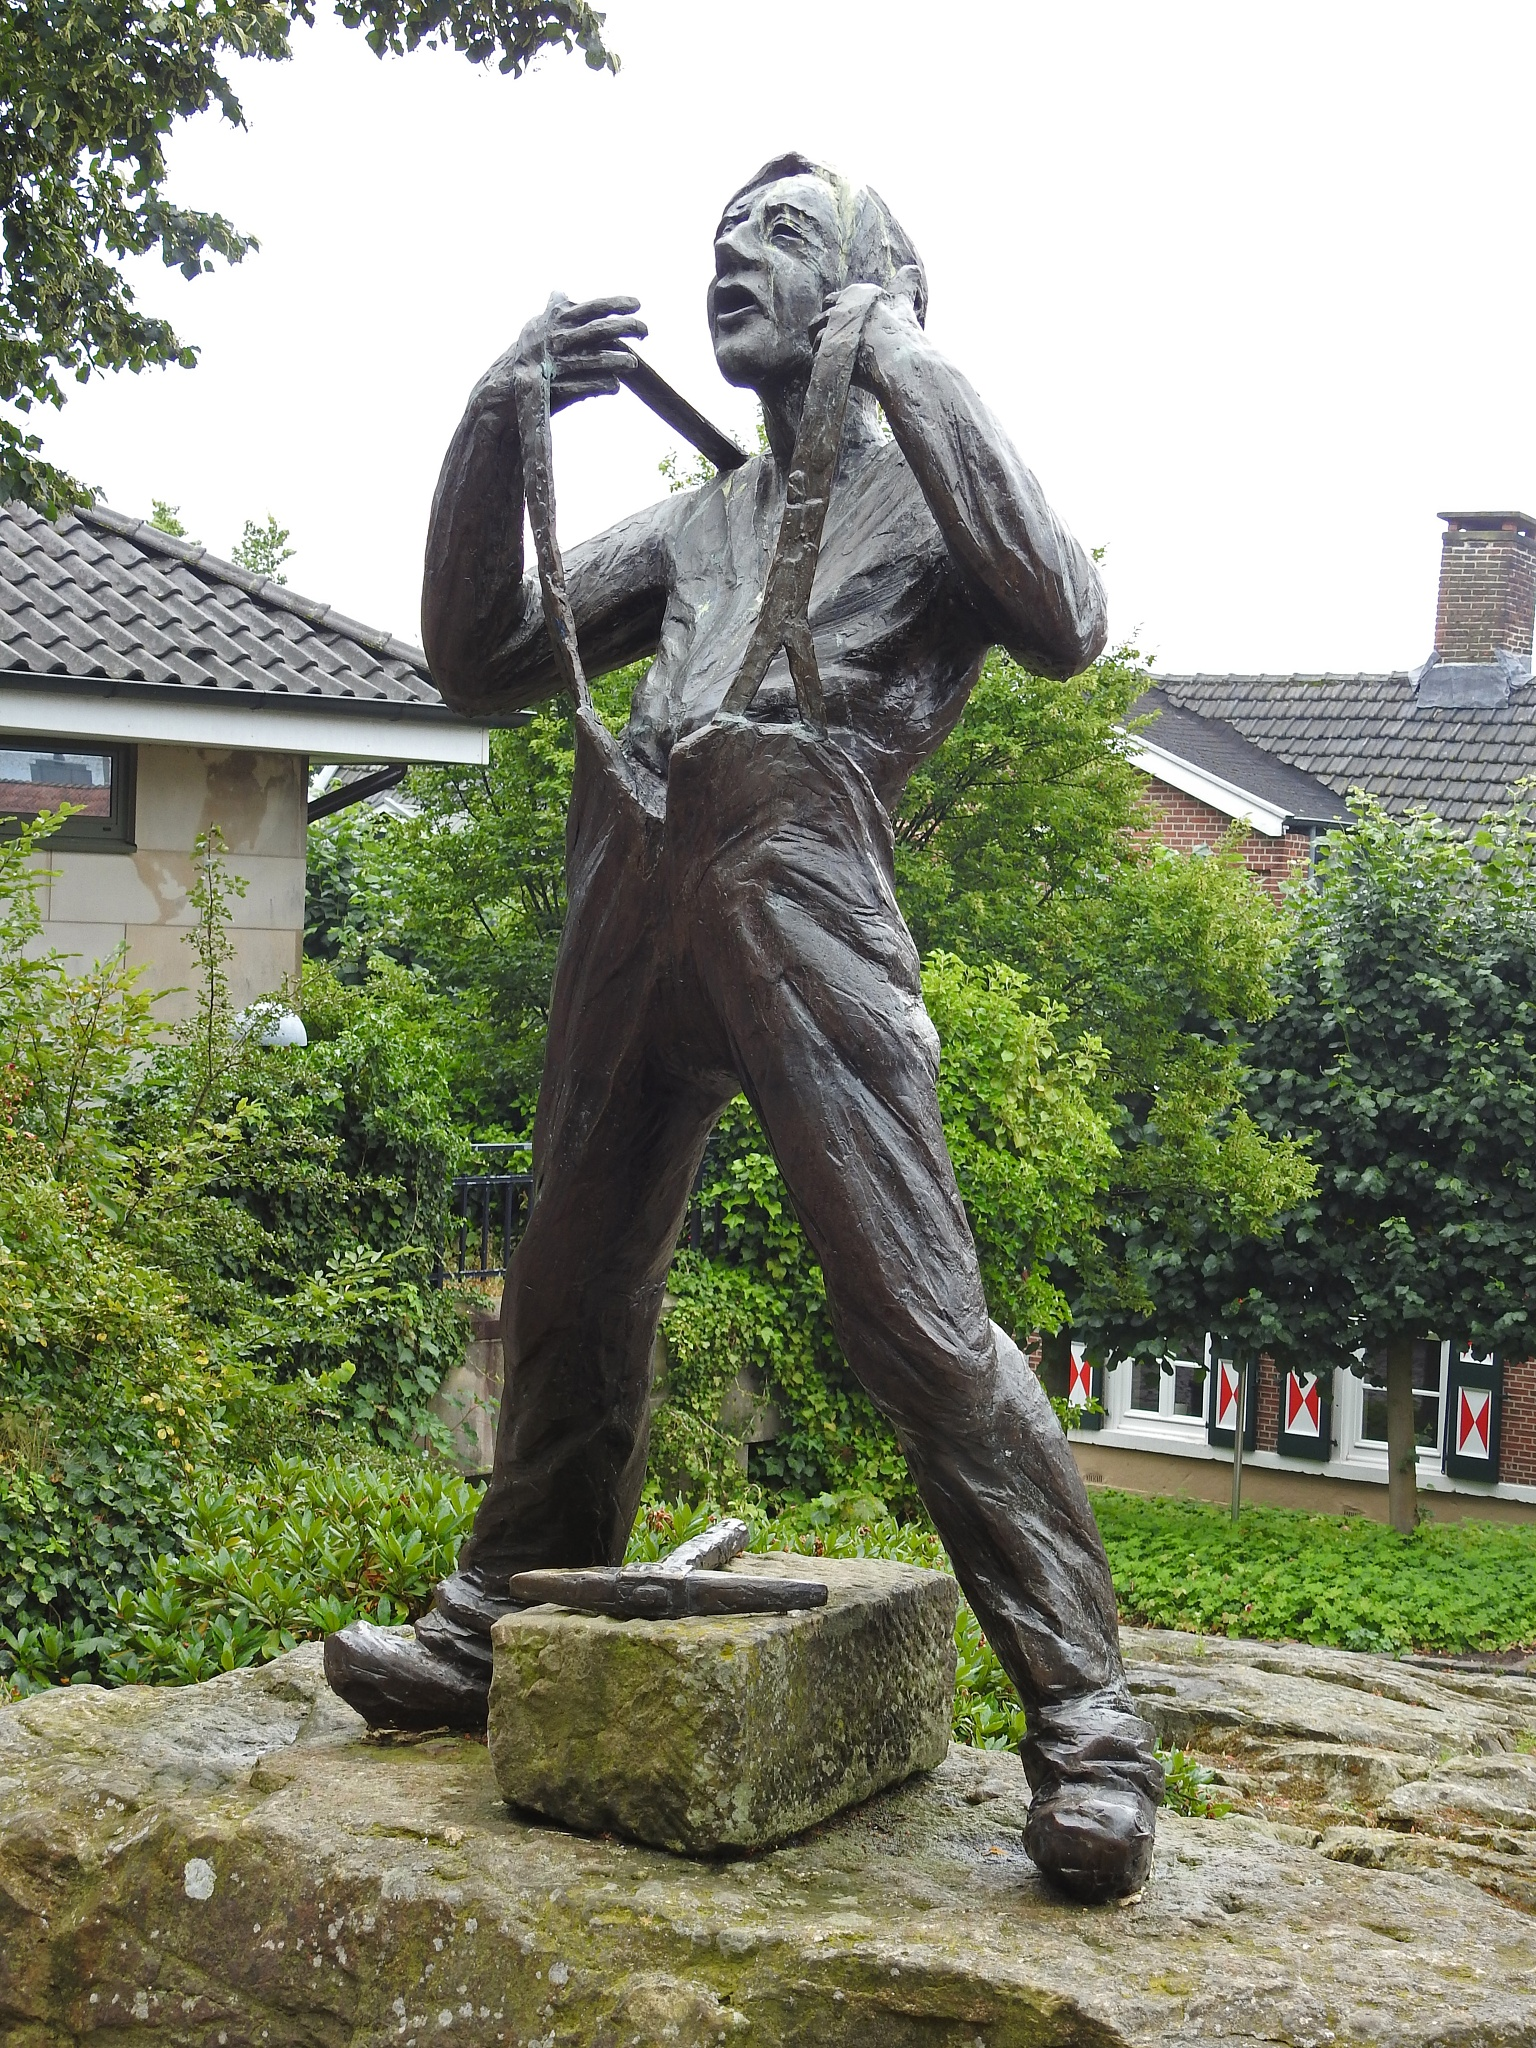 Statute by Bob66